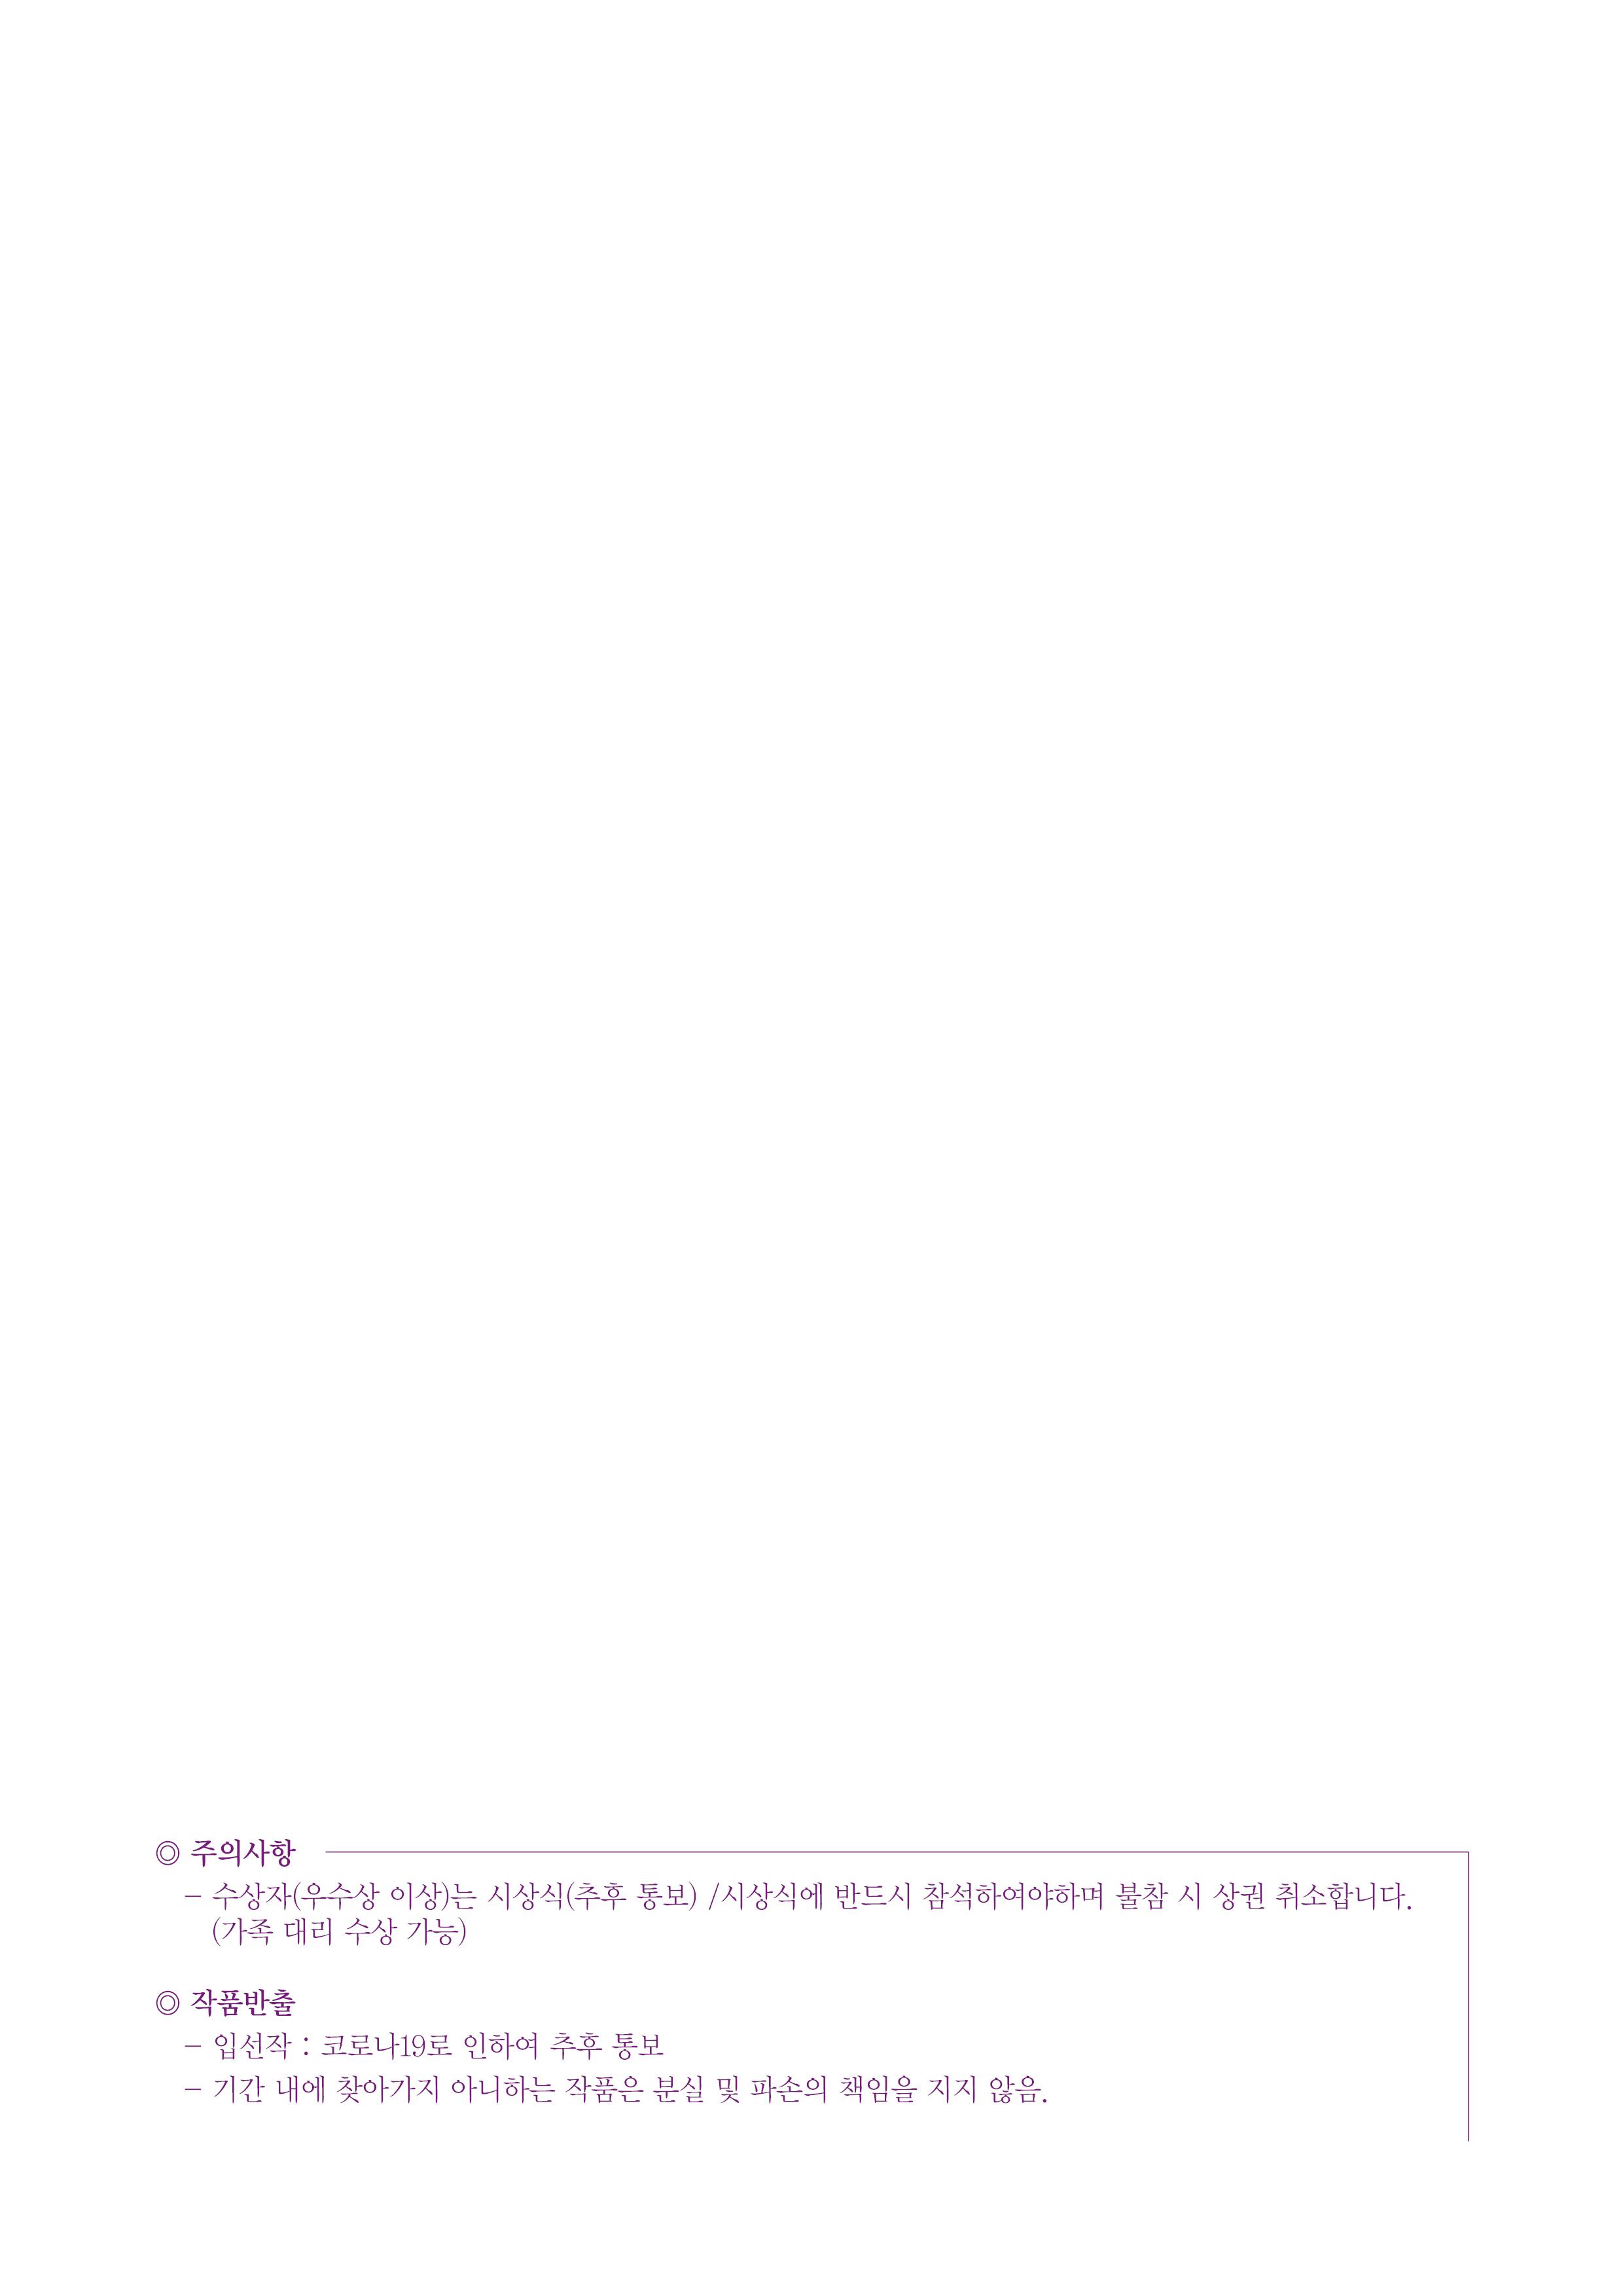 제22회 정수미술대전 출품원서4.jpg